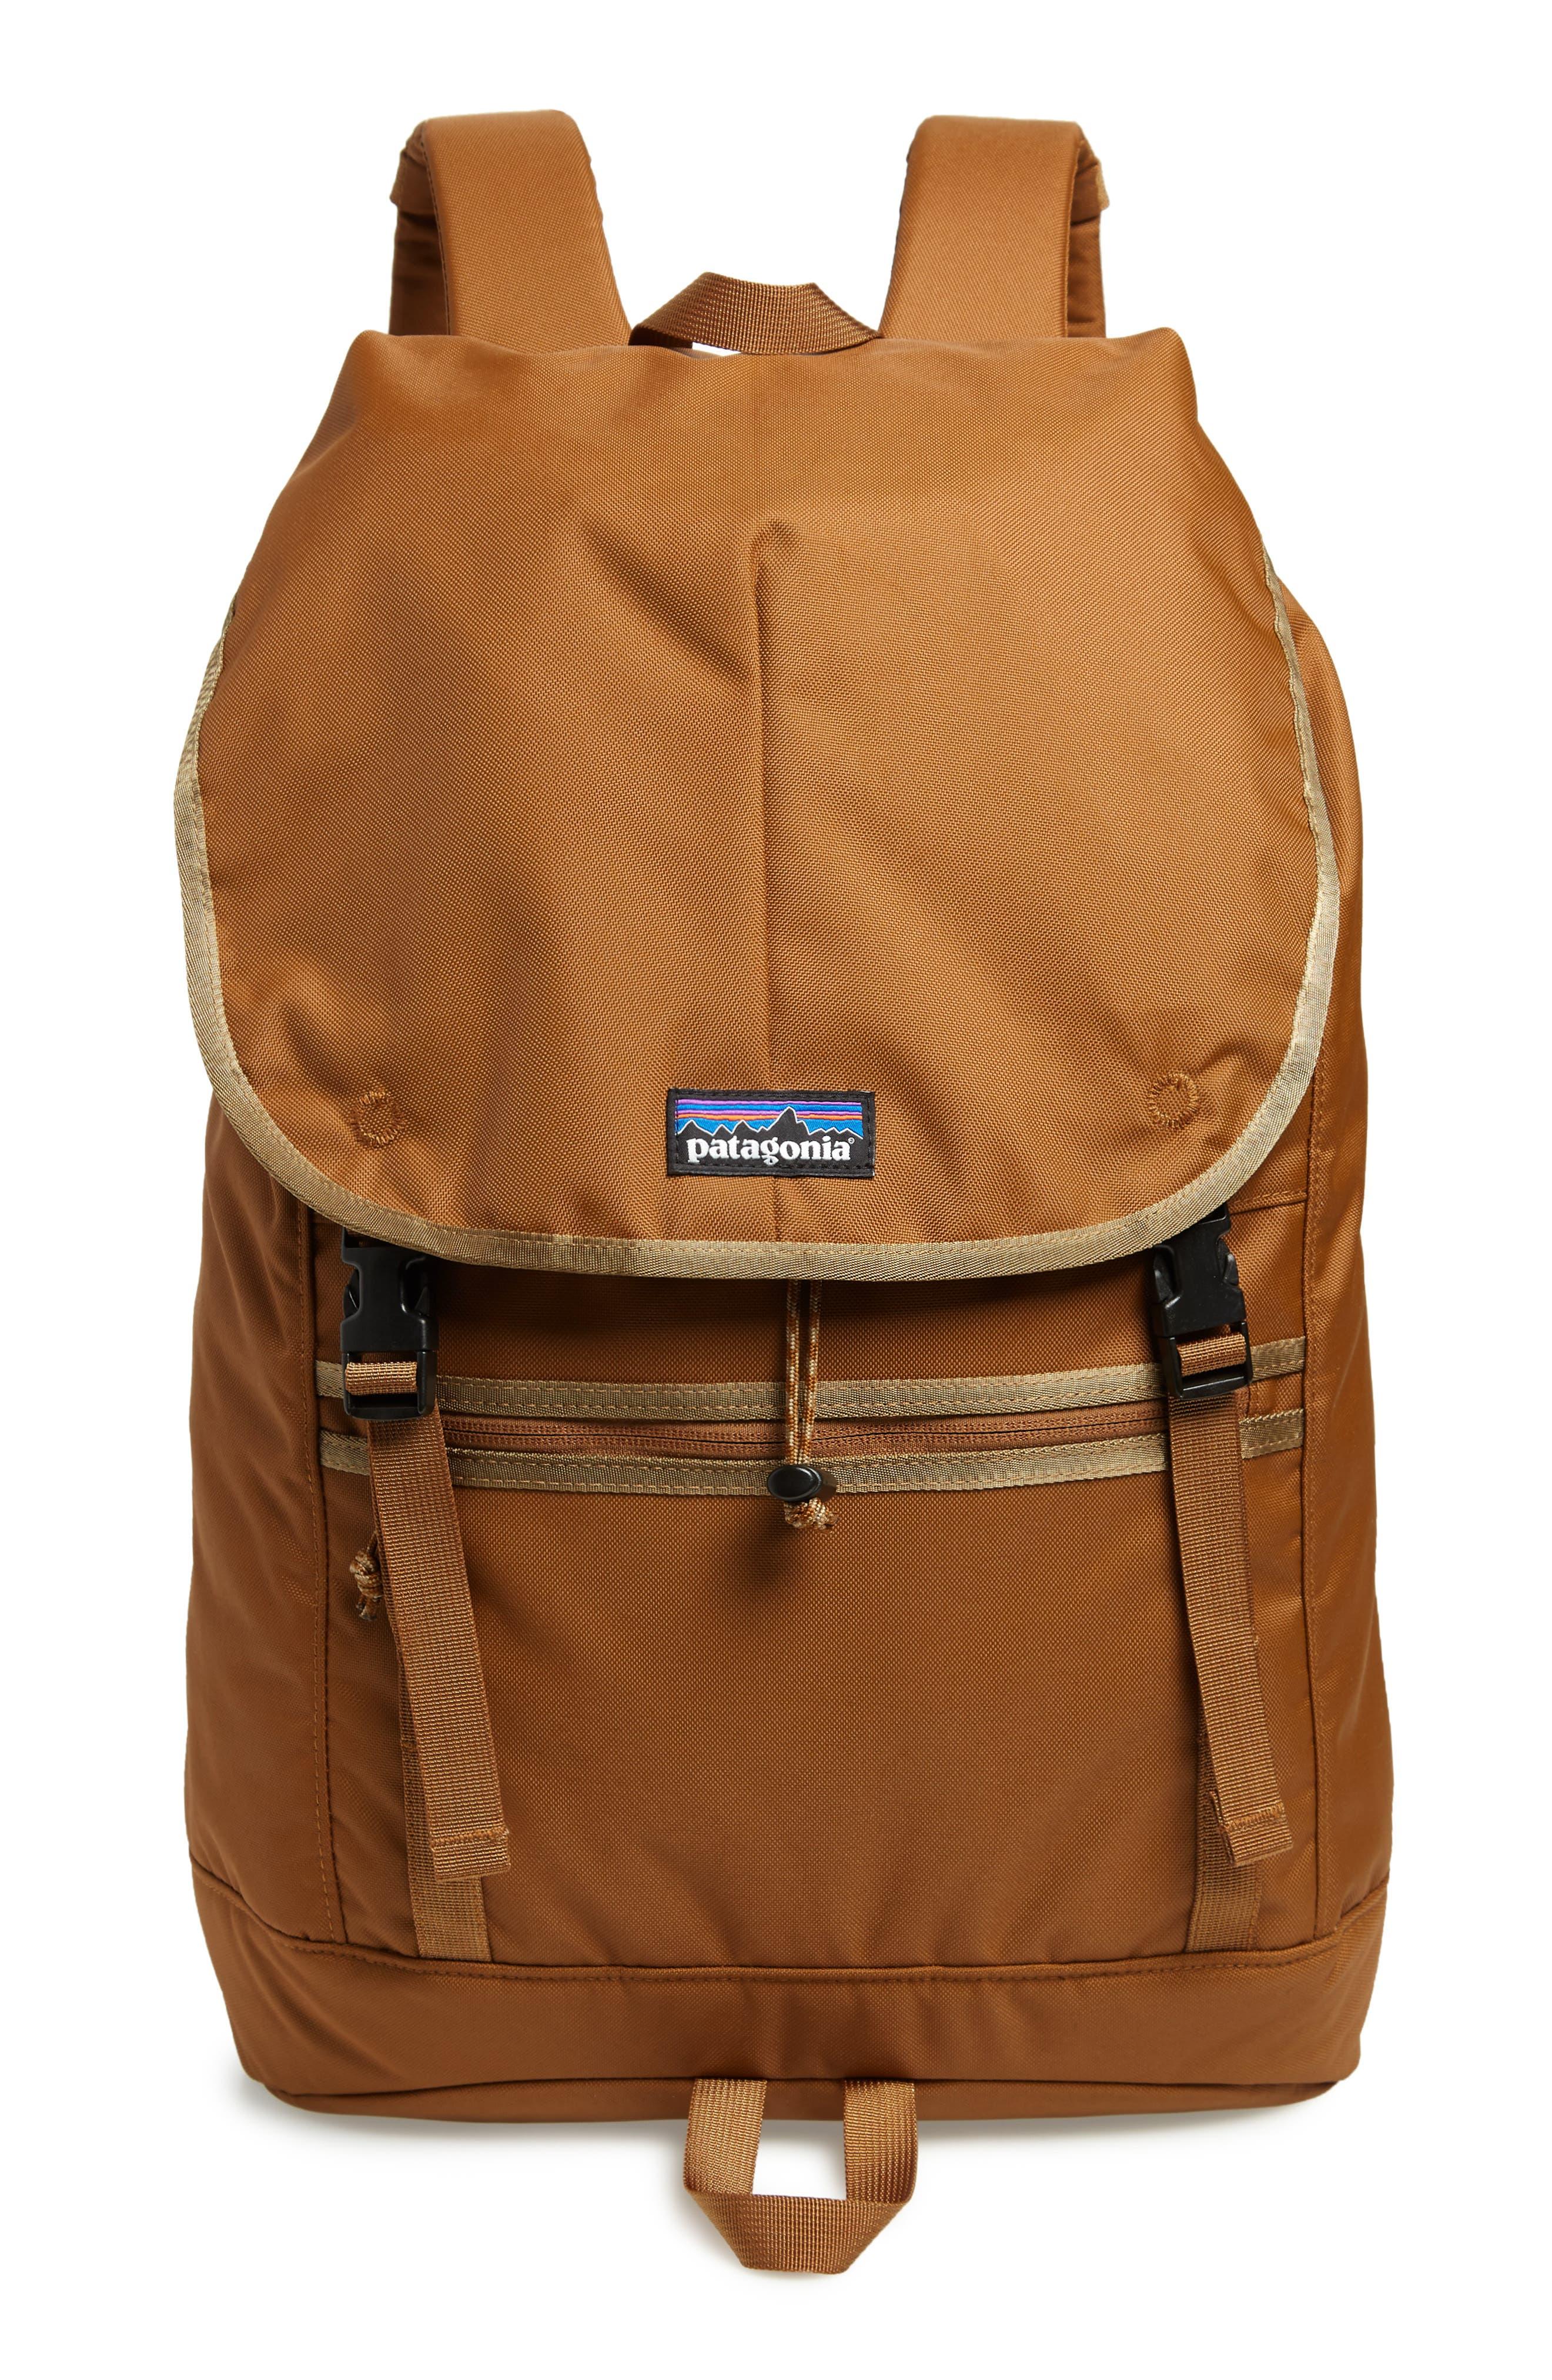 Patagonia Arbor Classic Backpack - Brown